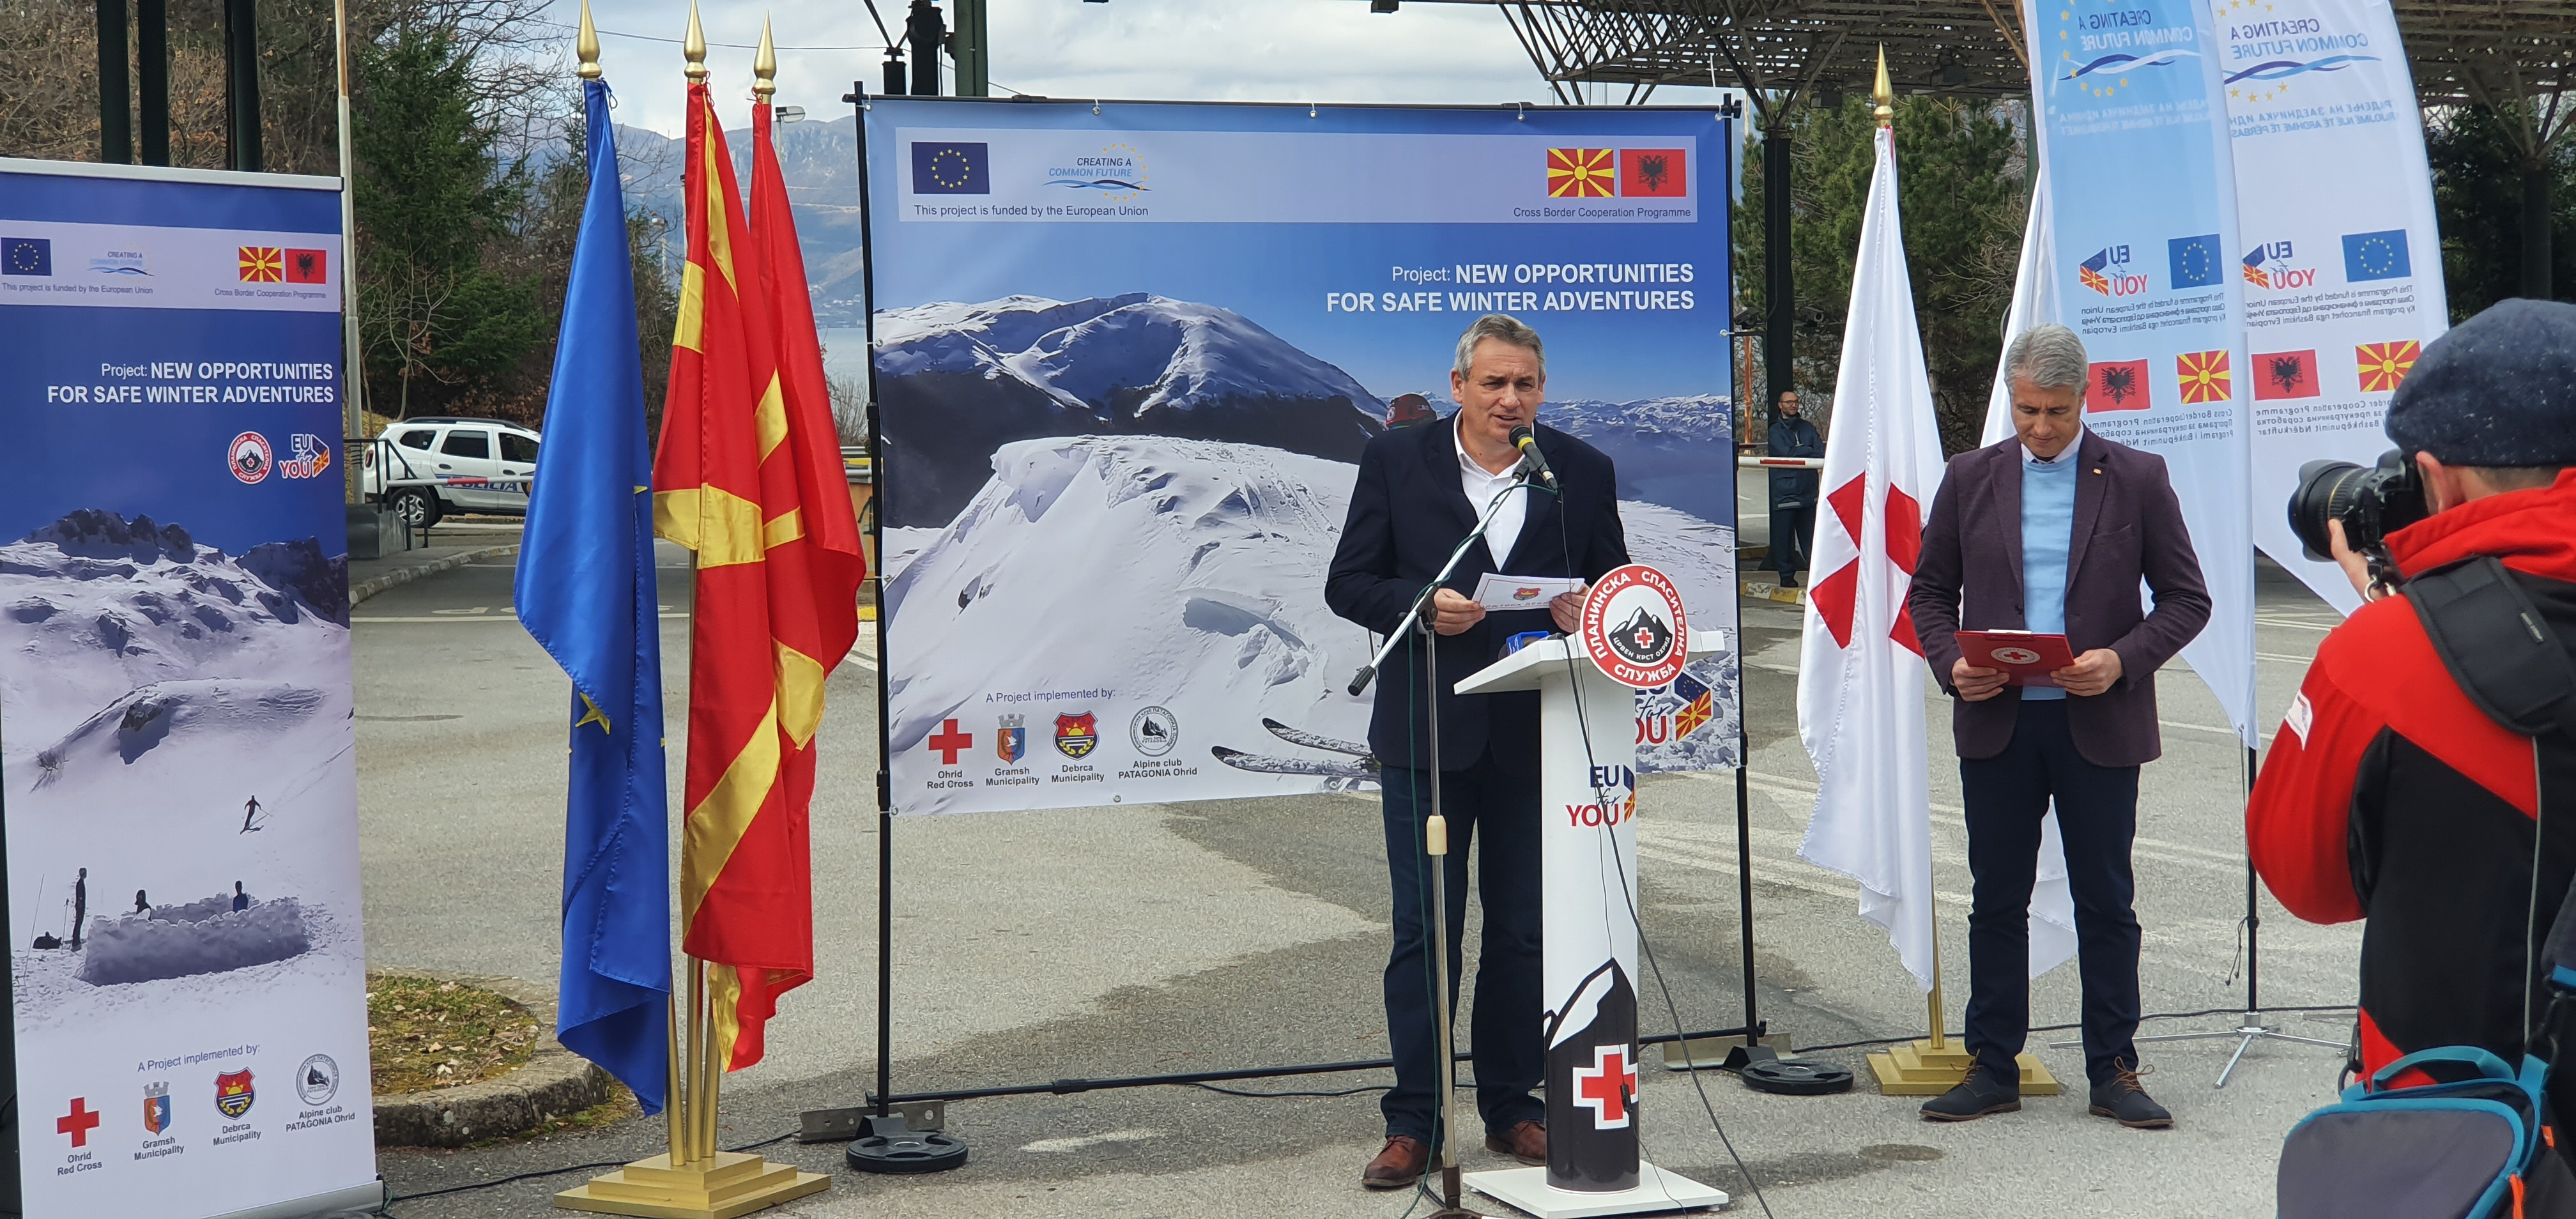 """Означен почетокот на проектот """"Нови Можности за Безбеден Зимски Авантуристички Туризам"""","""